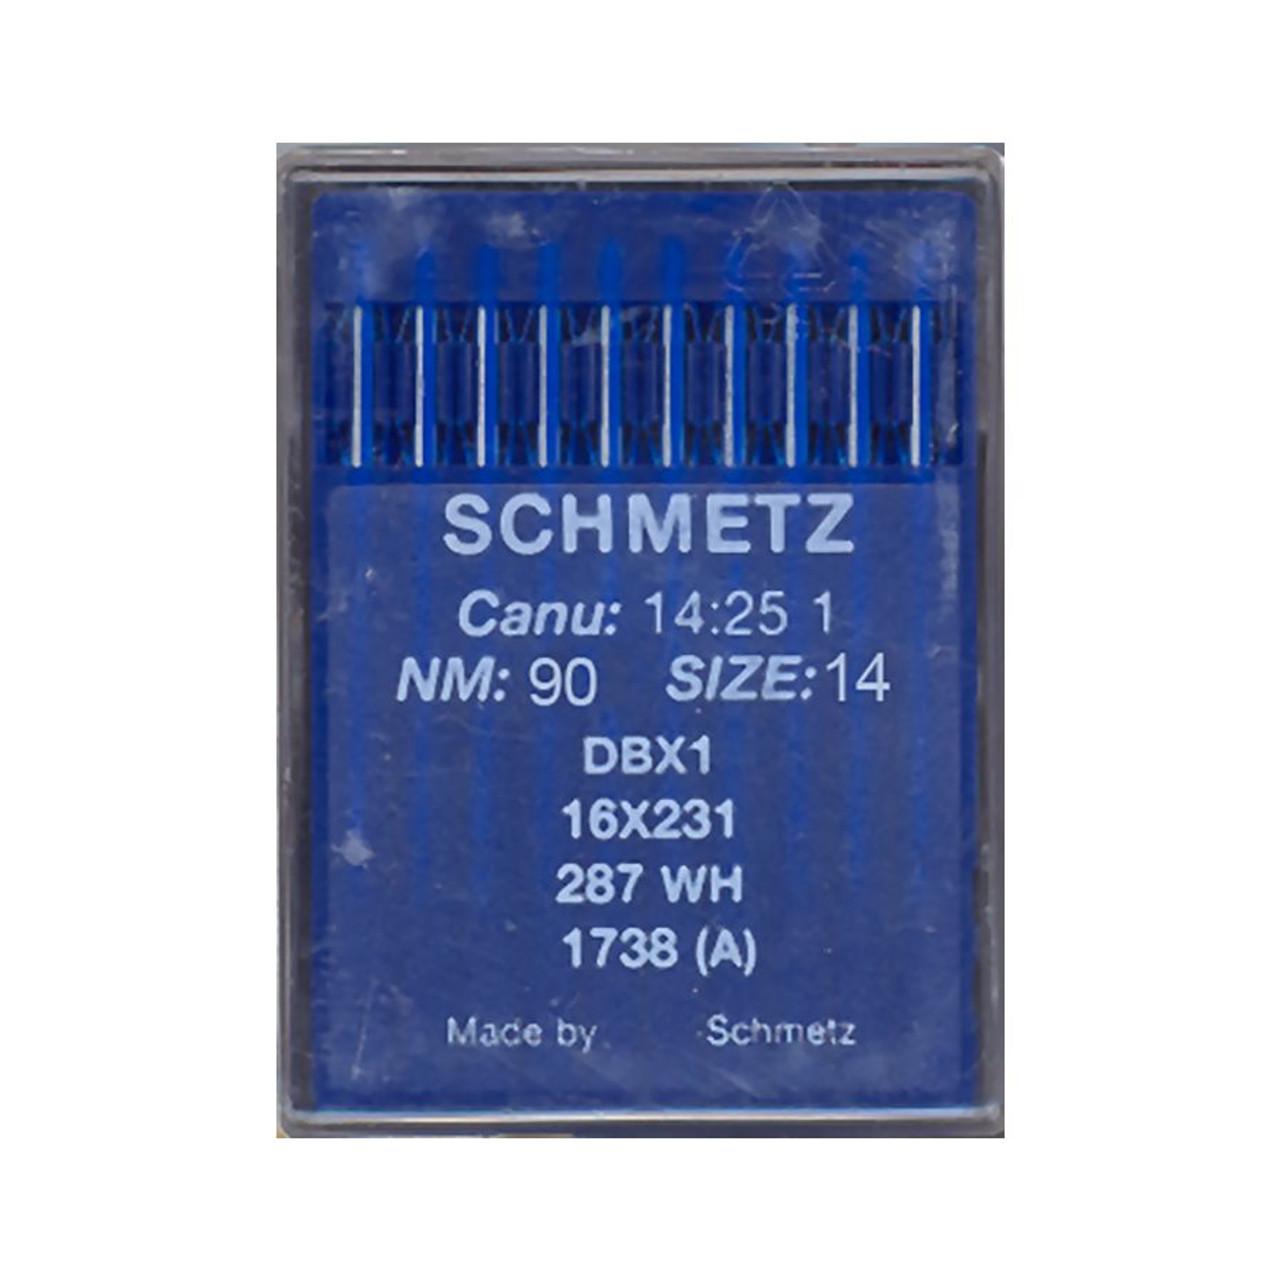 Schmetz Overlocker Needles 16x231 SUK Ball Point